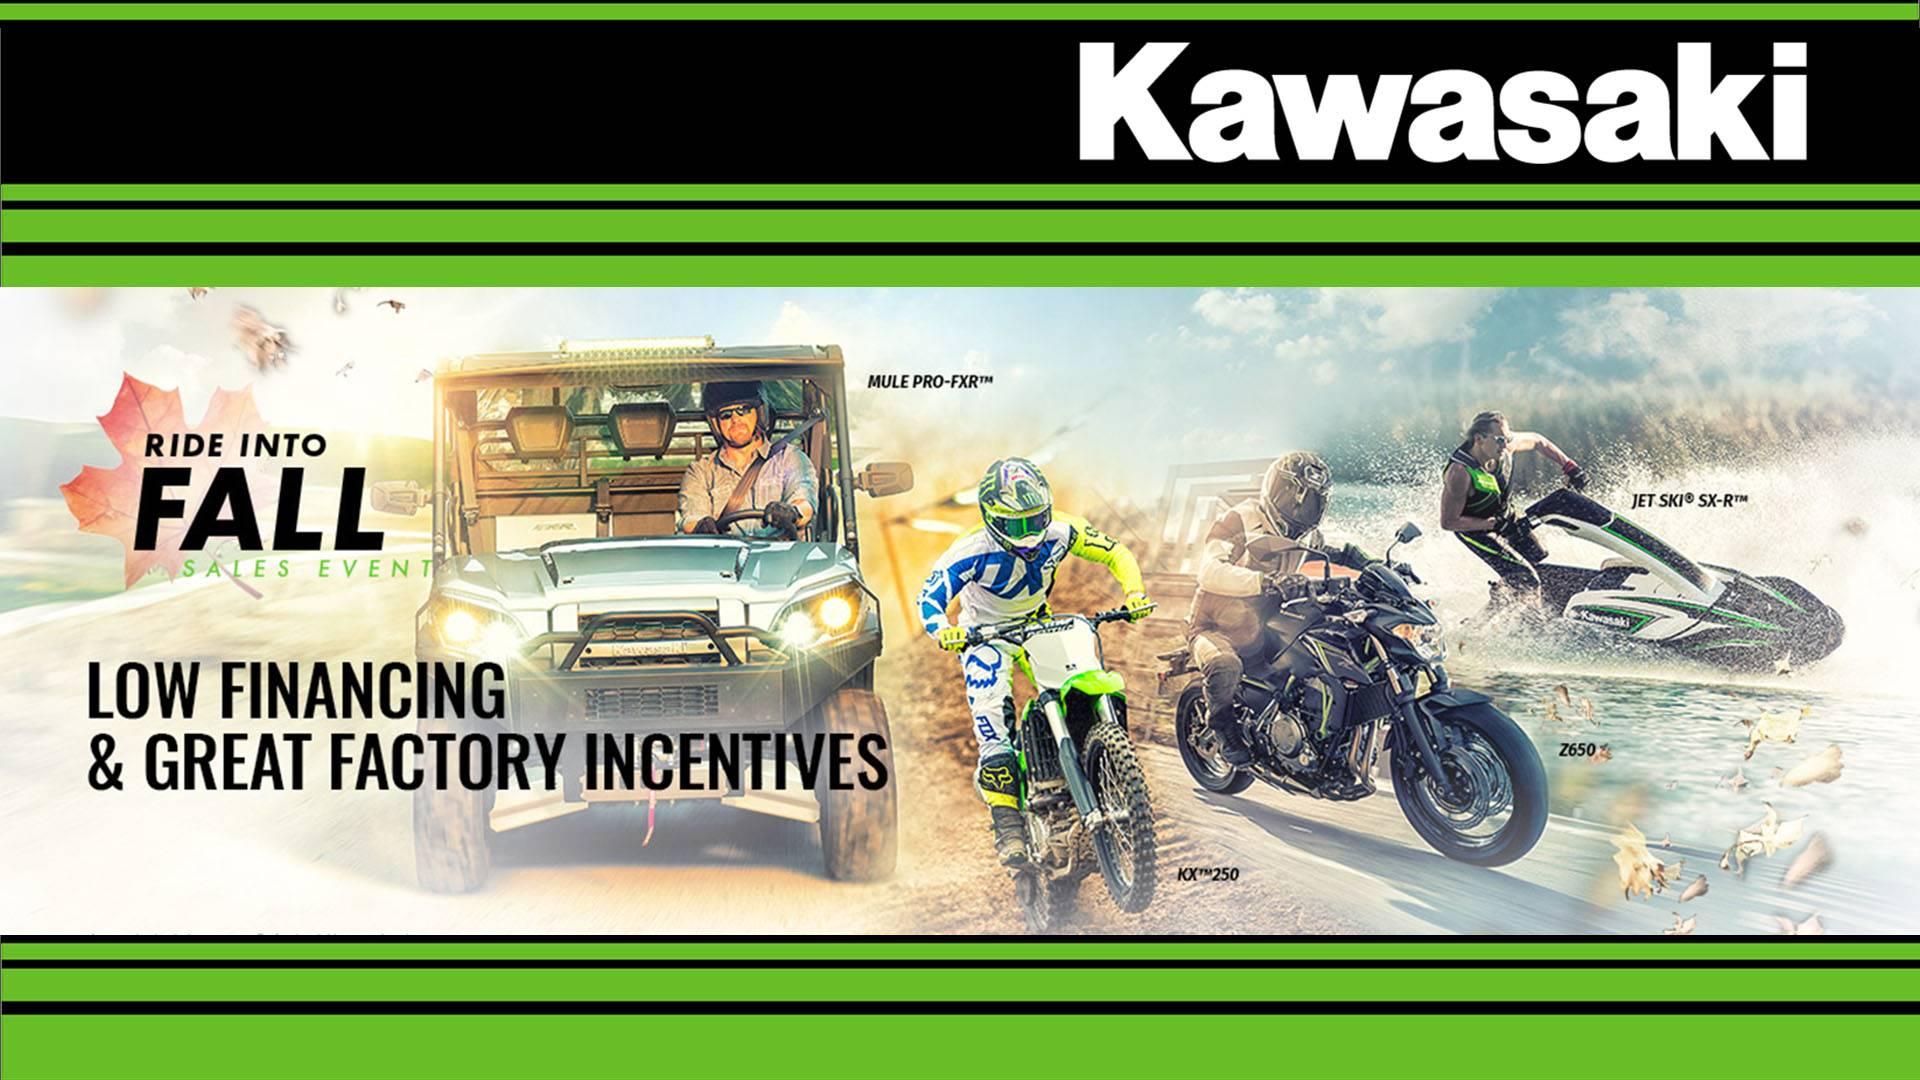 Kawasaki - Ride Into Fall Sales Event